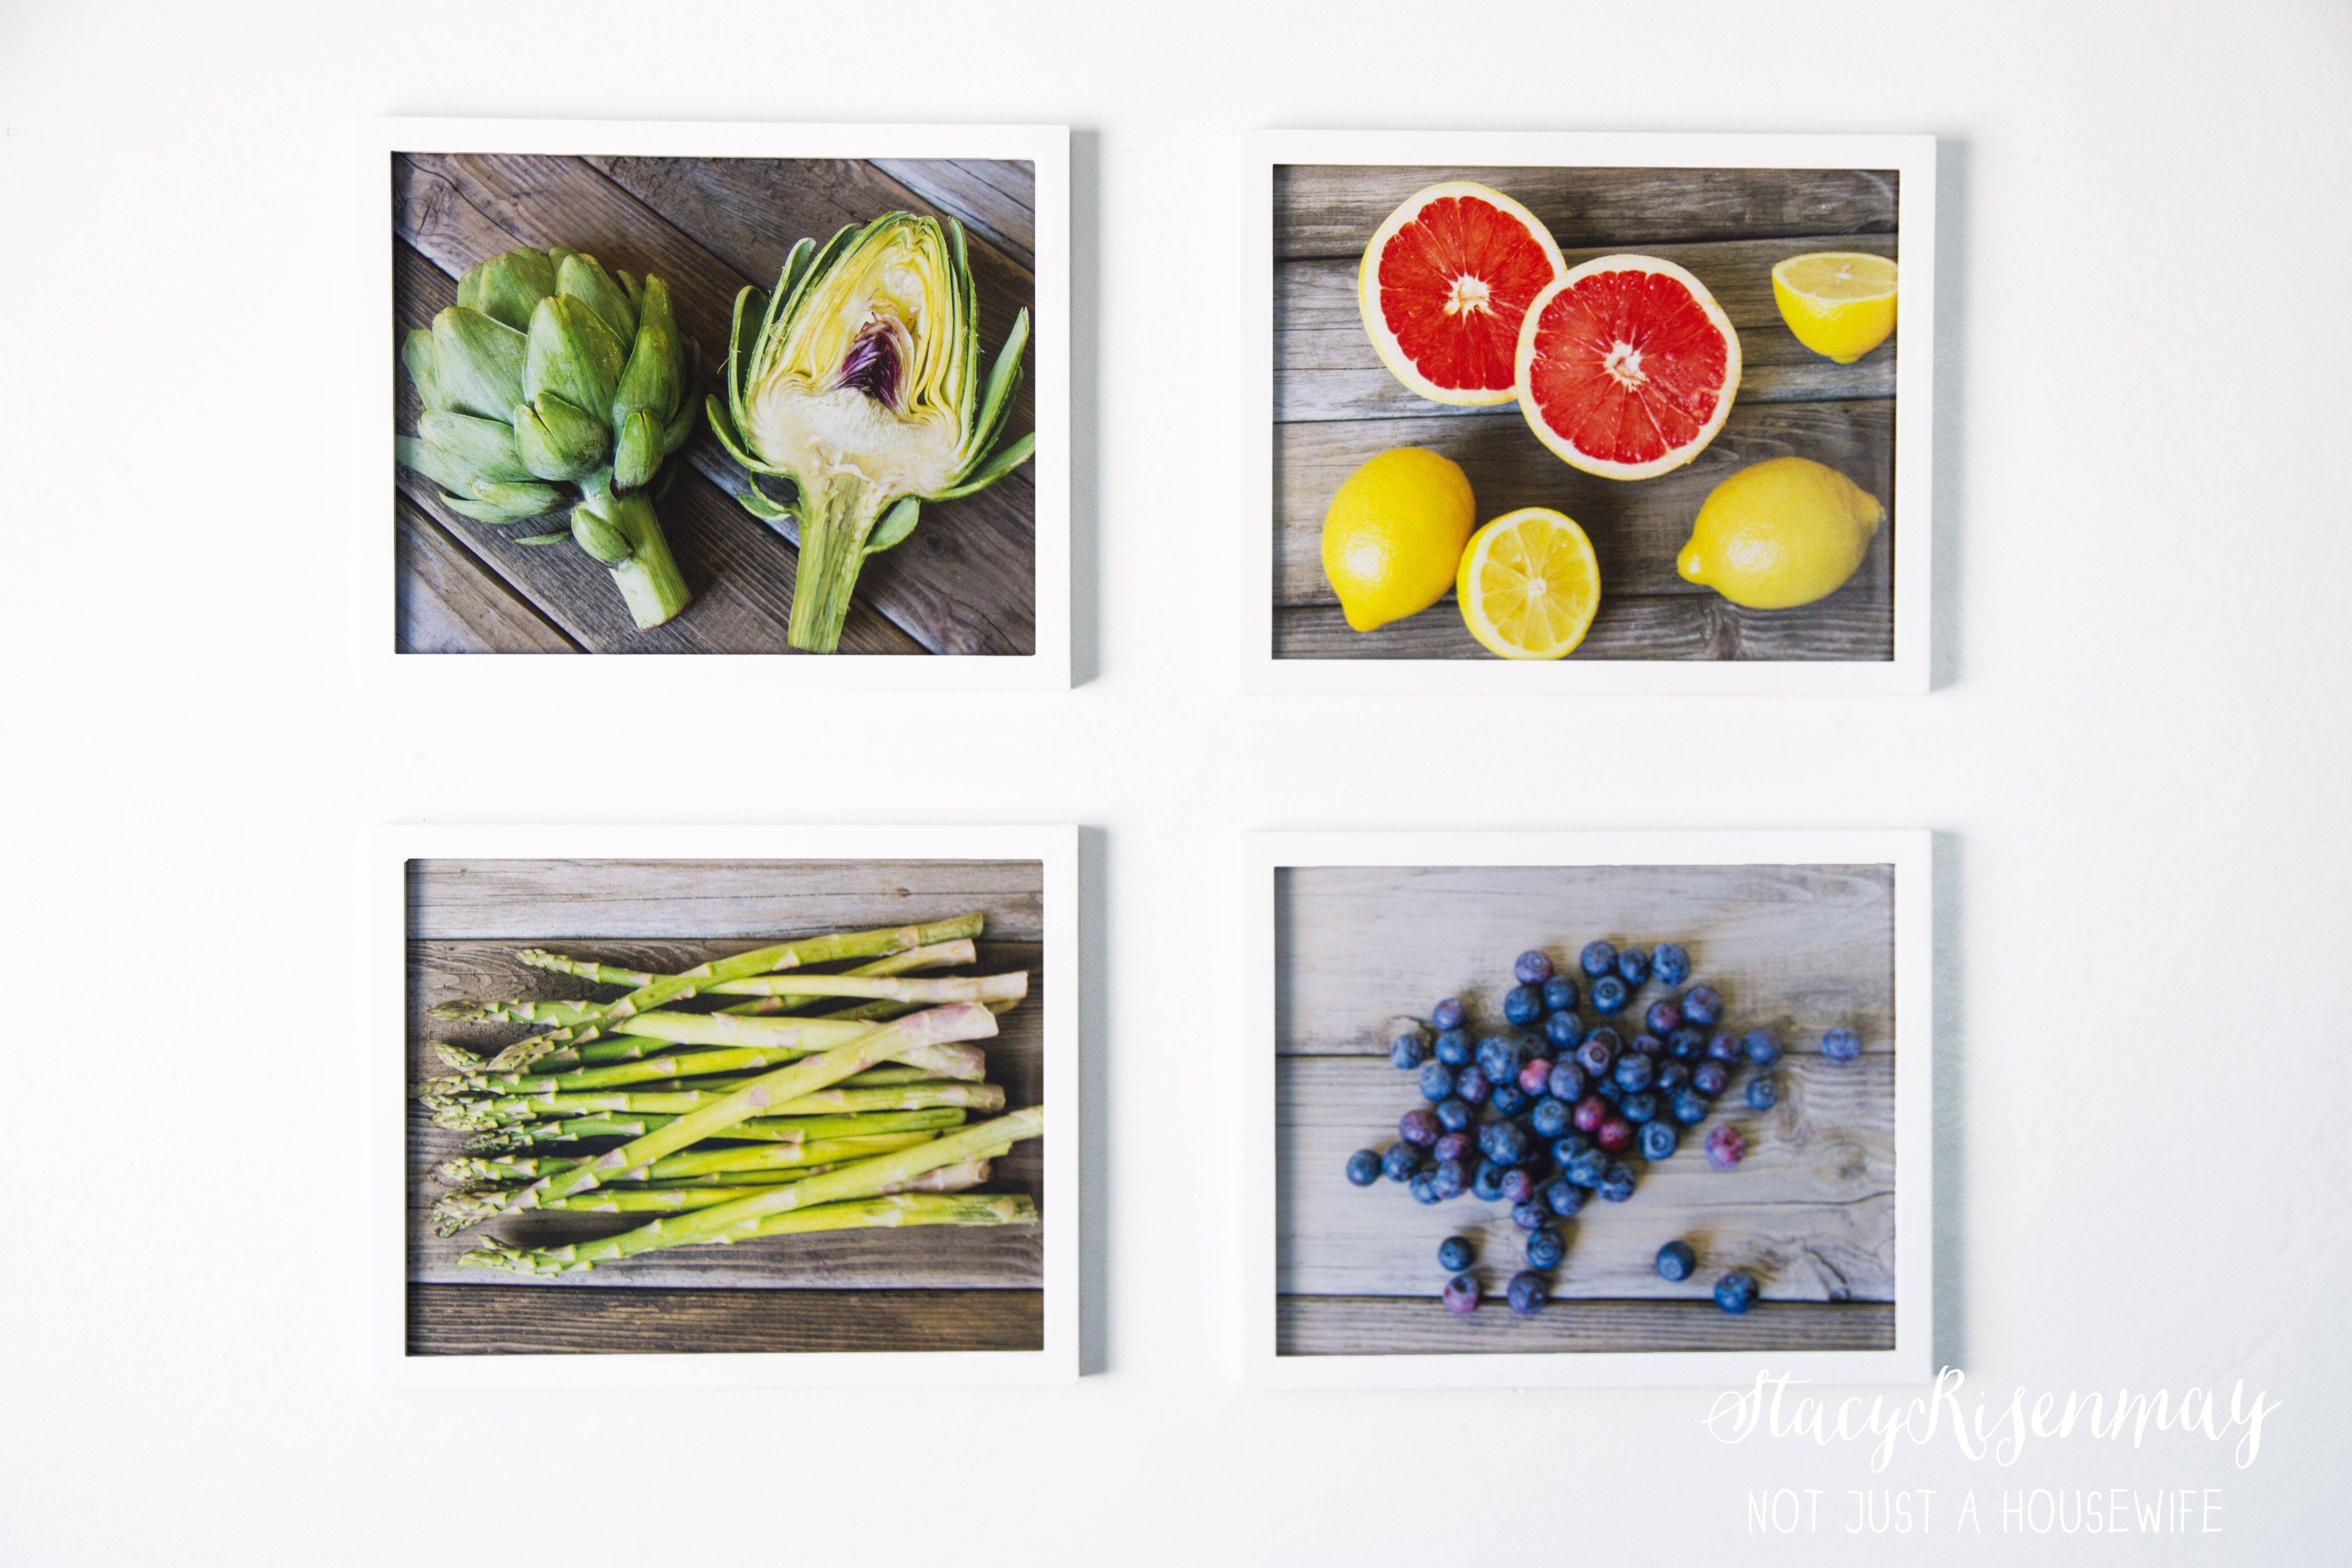 kitchen artwork to add color | kitchens | Pinterest | Kitchen ...